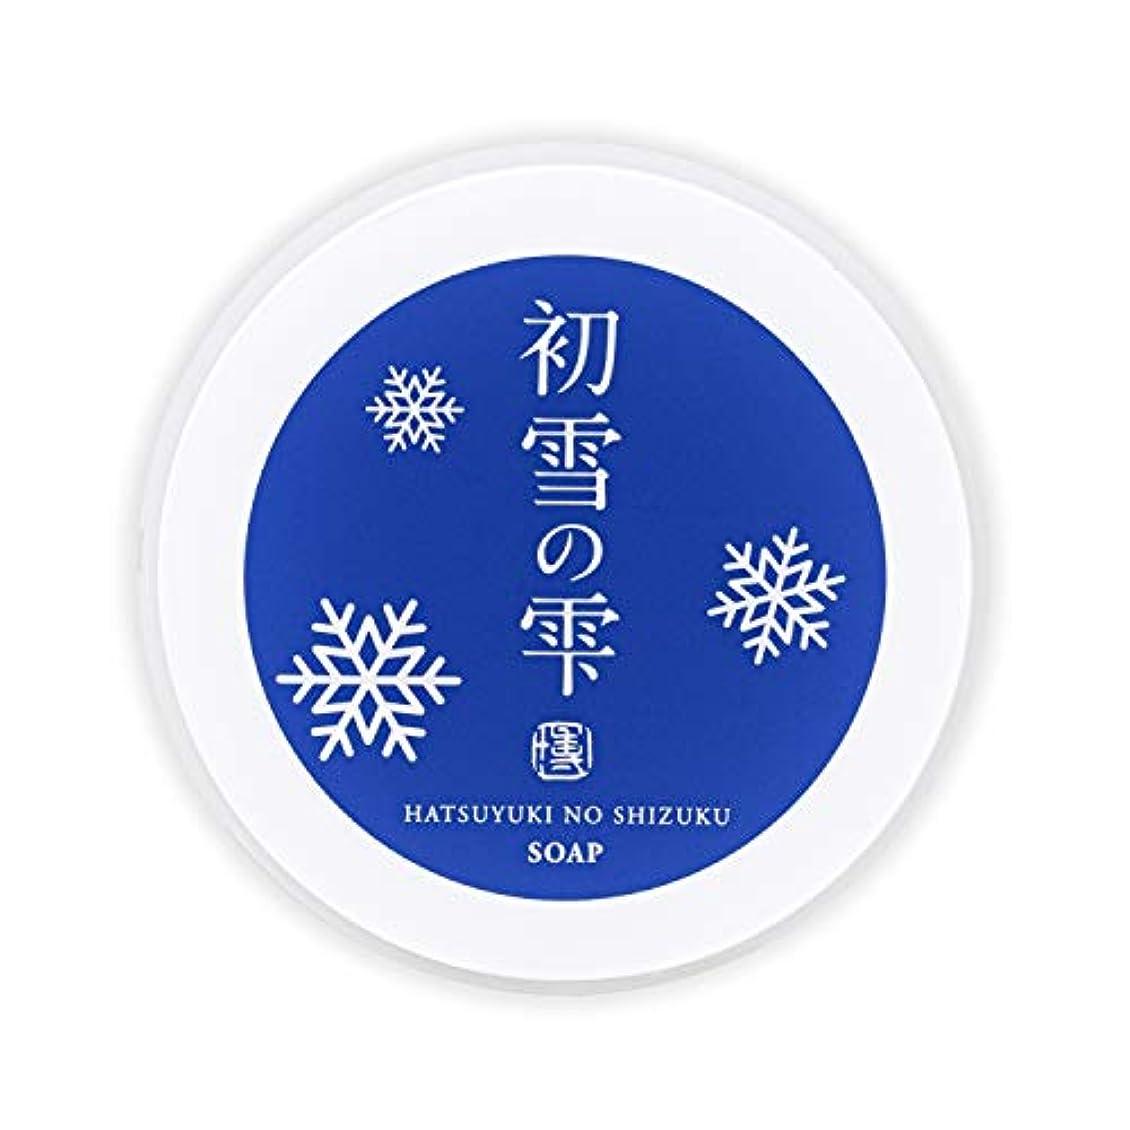 学んだ馬鹿げた経済初雪の雫 洗顔 練り せっけん ジャータイプ 34g [アミノ酸 ヒアルロン酸 プラセンタエキス セラミド 配合]